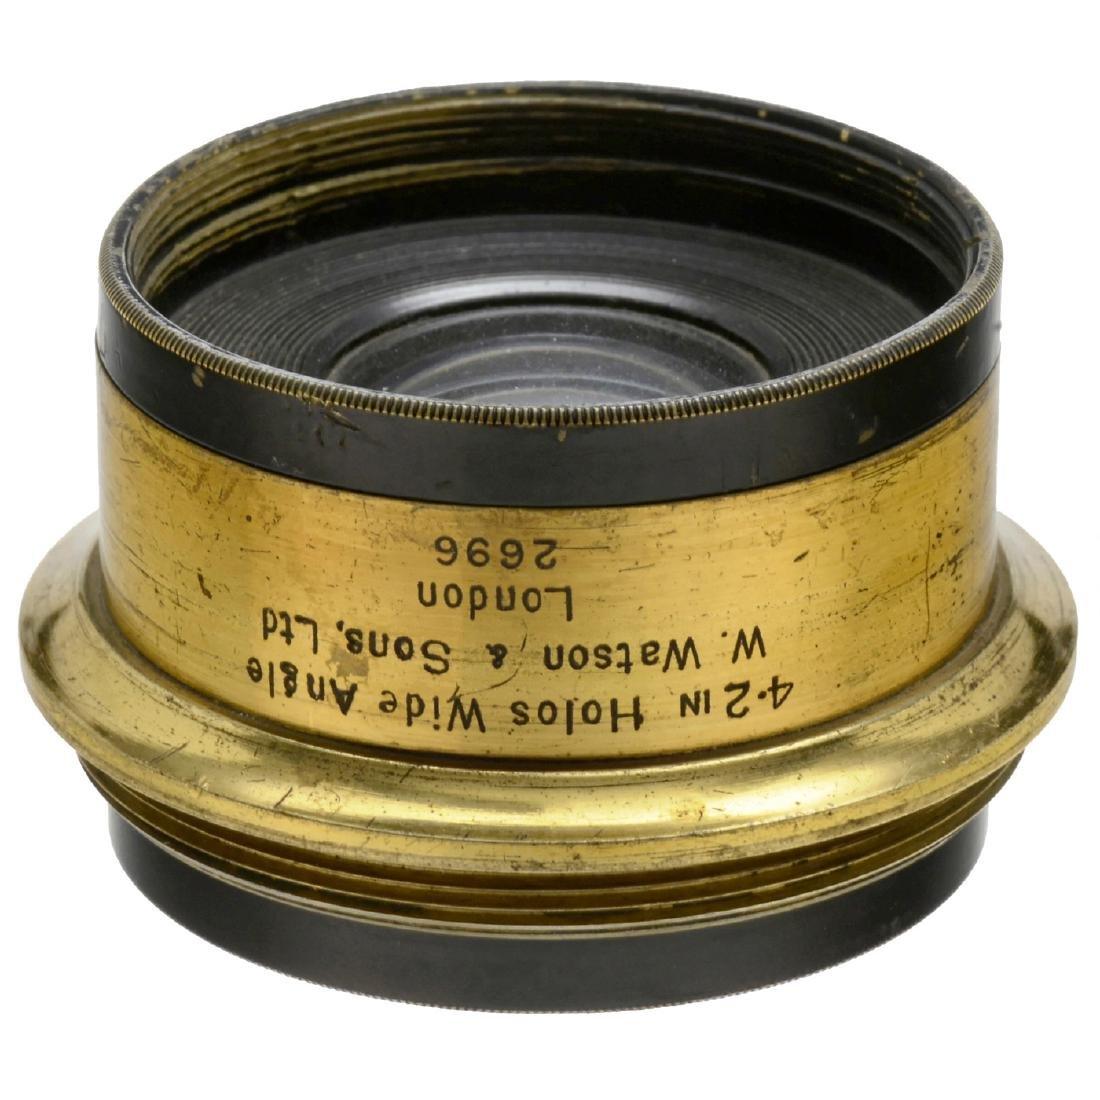 4 Brass Lenses from England - 5